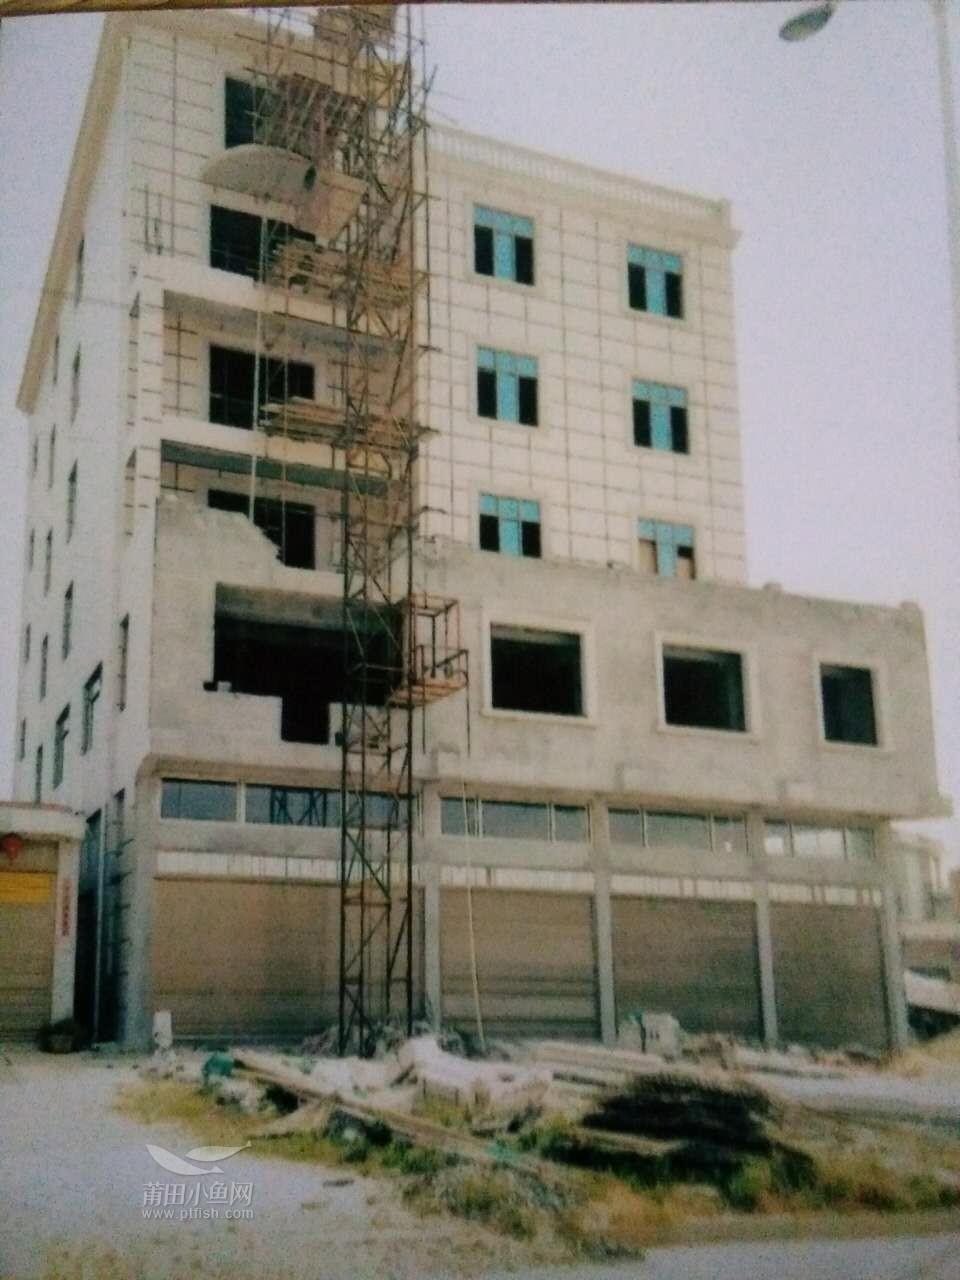 莆田秀屿东峤一房屋被指违建 部门:如何处理